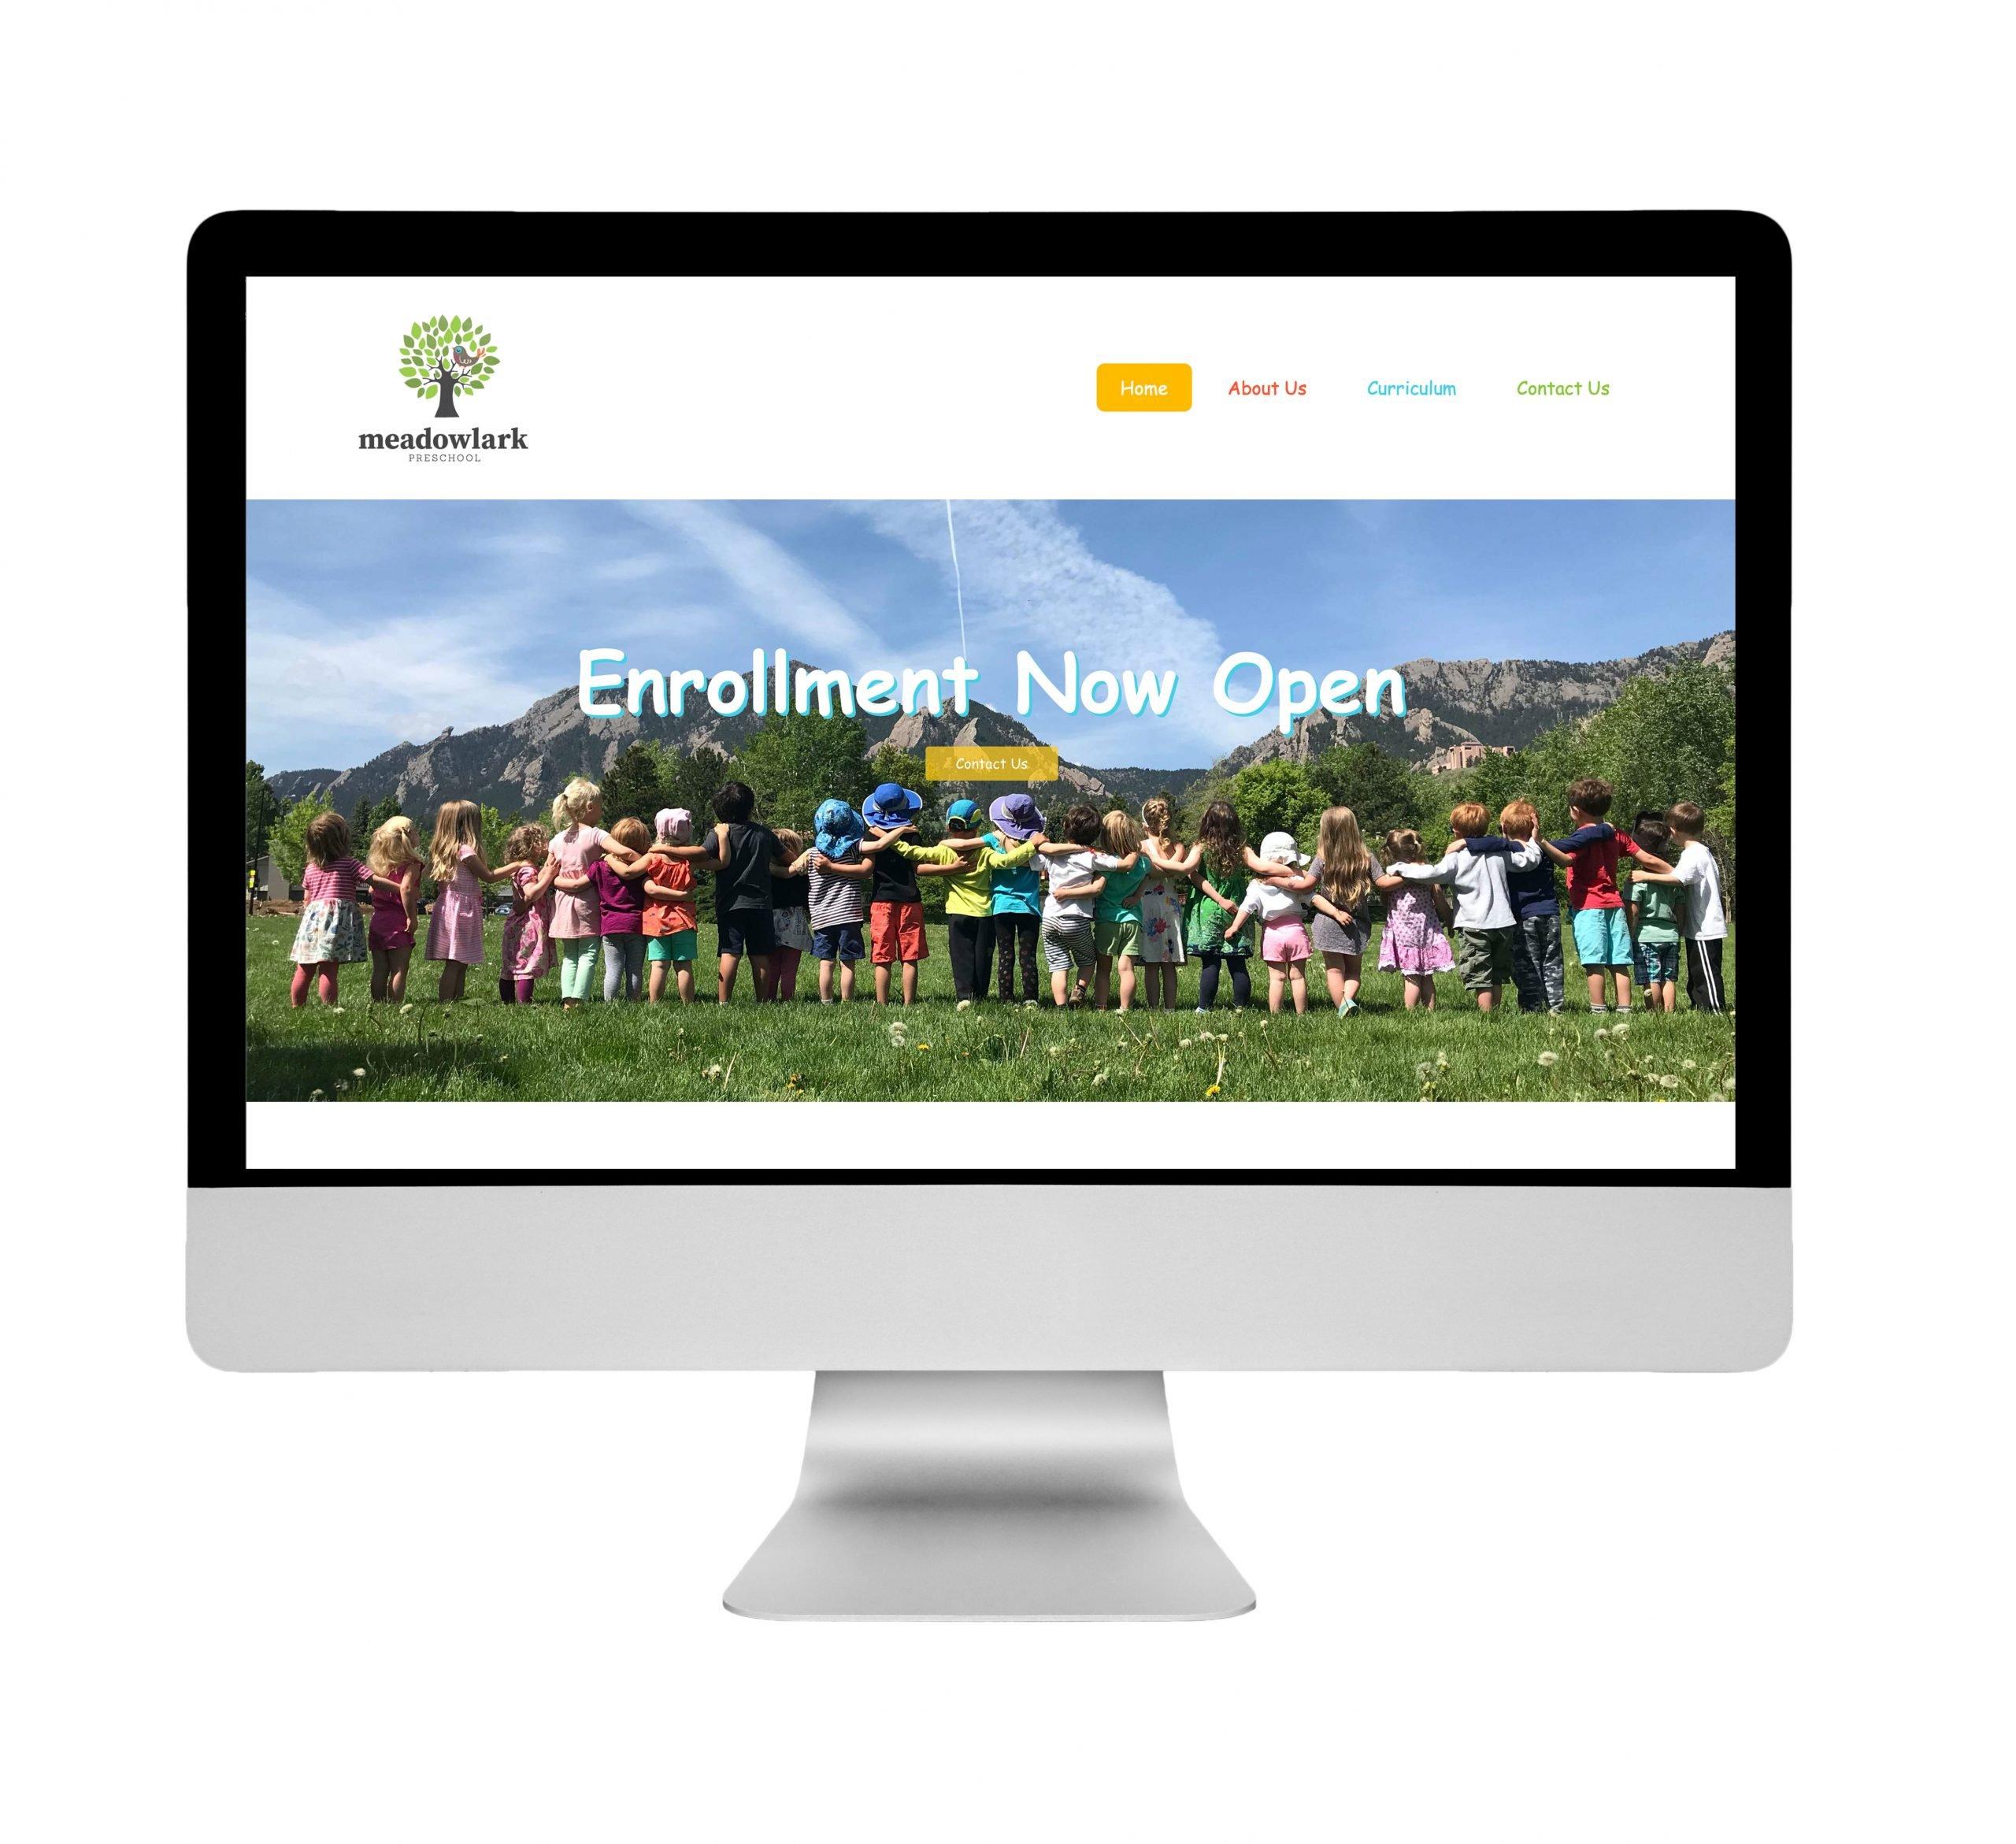 Meadowlark Preschool Website Design